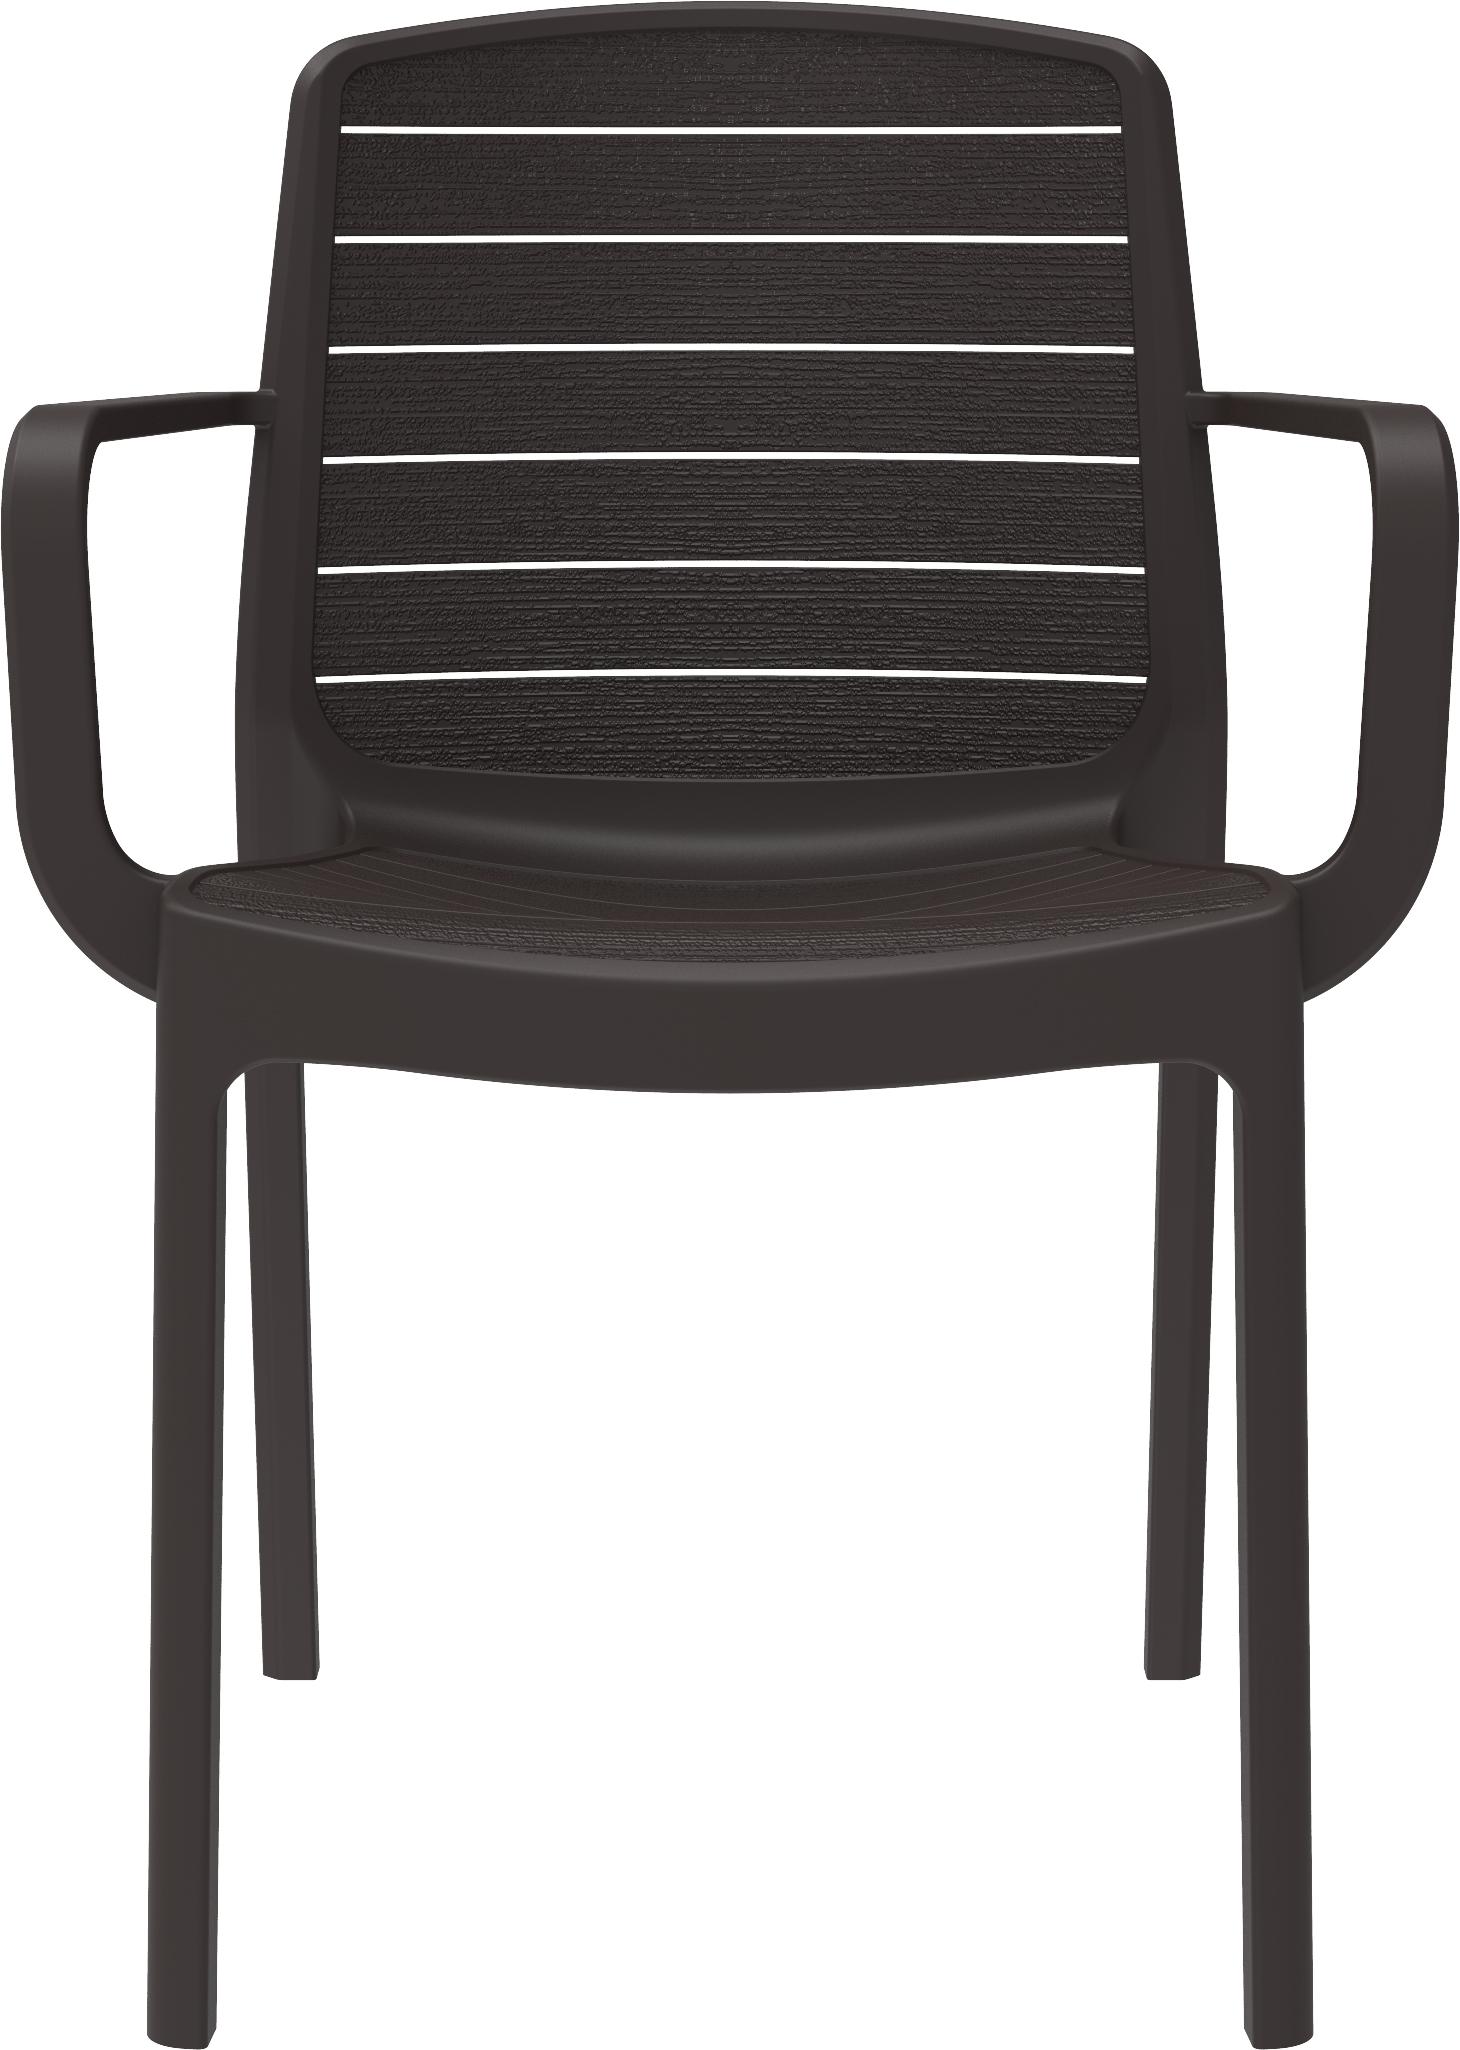 CedarGrain Arm Chair